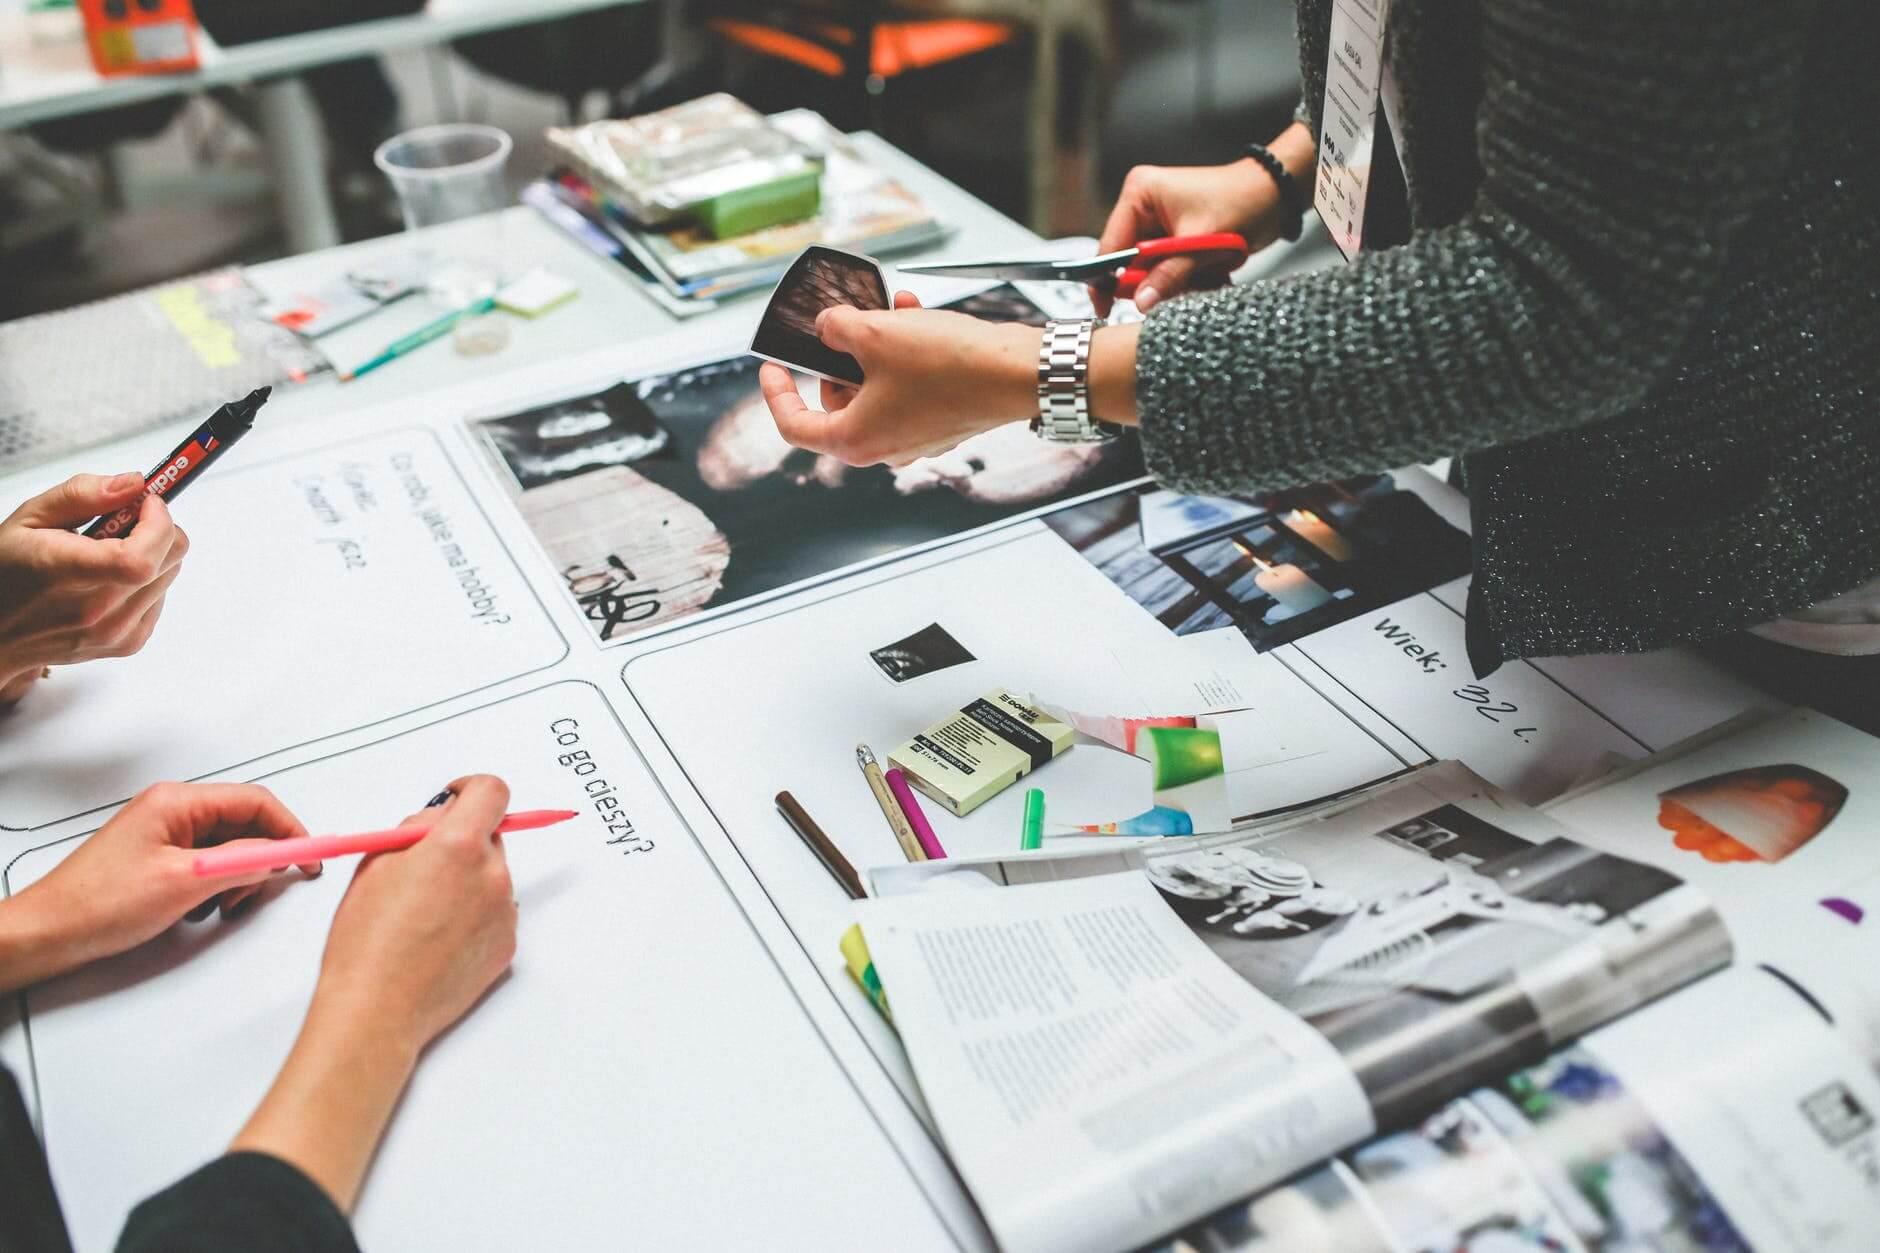 Consejos para mejorar la publicidad creativa | Cubos Web